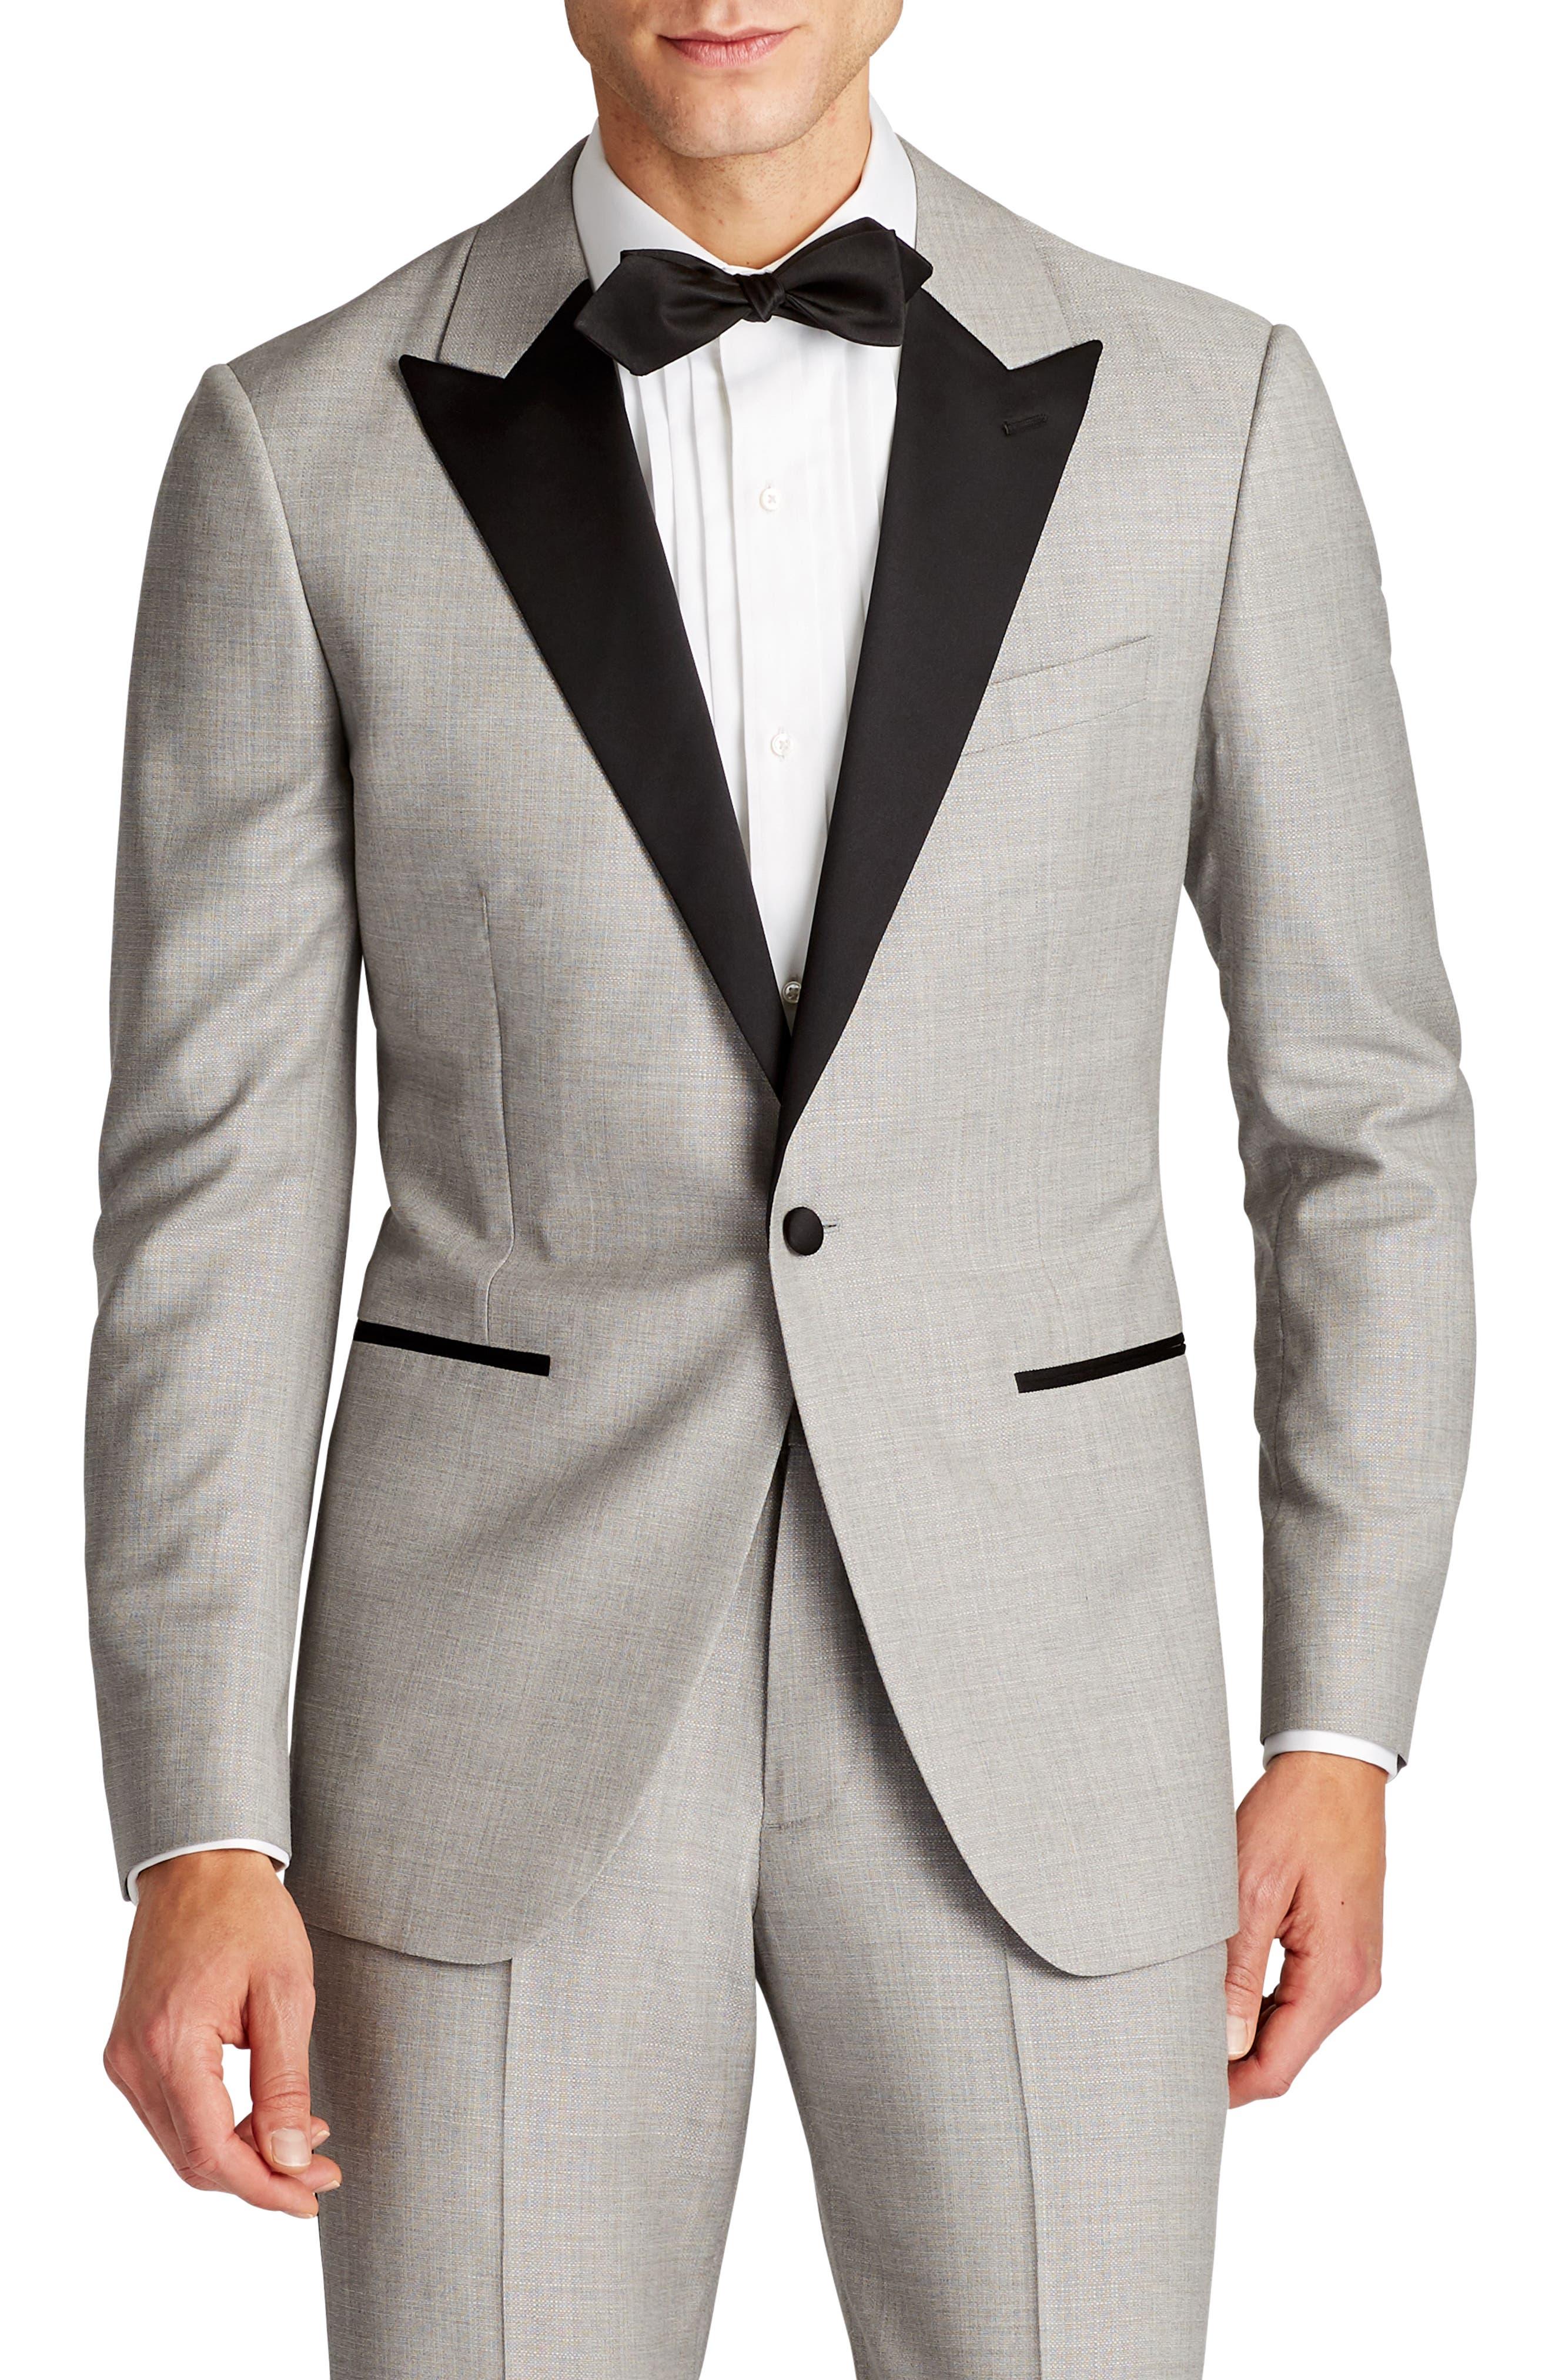 Capstone Slim Fit Wool Dinner Jacket,                         Main,                         color, Pearl Grey